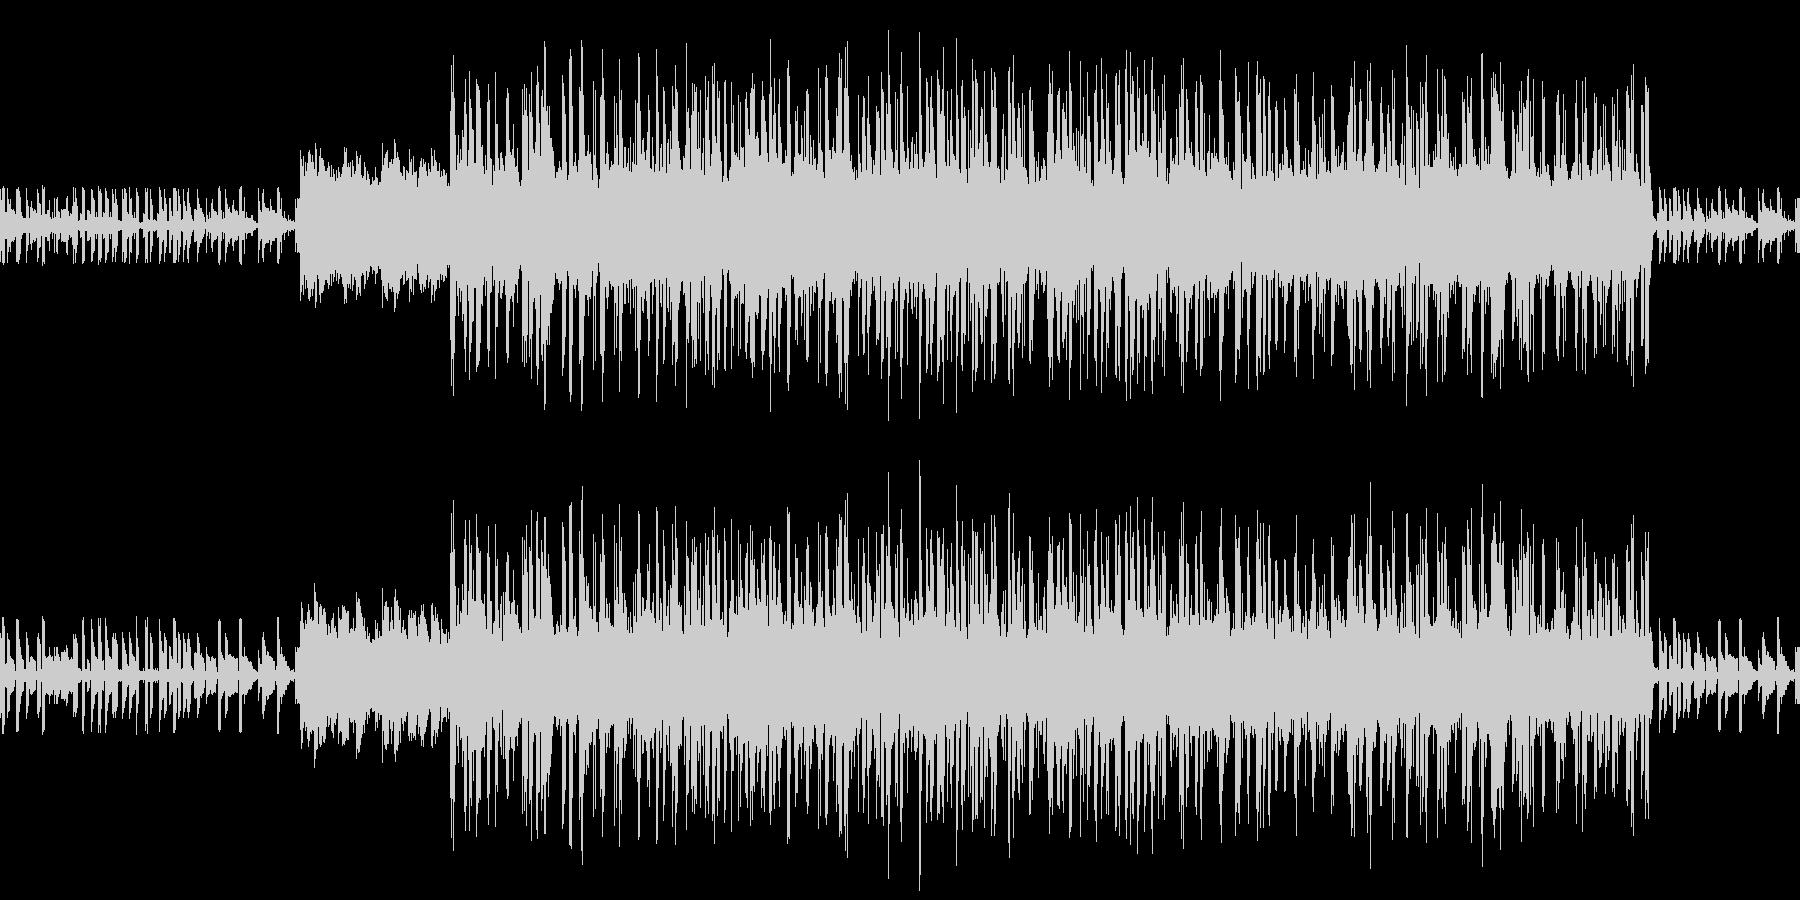 切ないエレクトロニカの未再生の波形